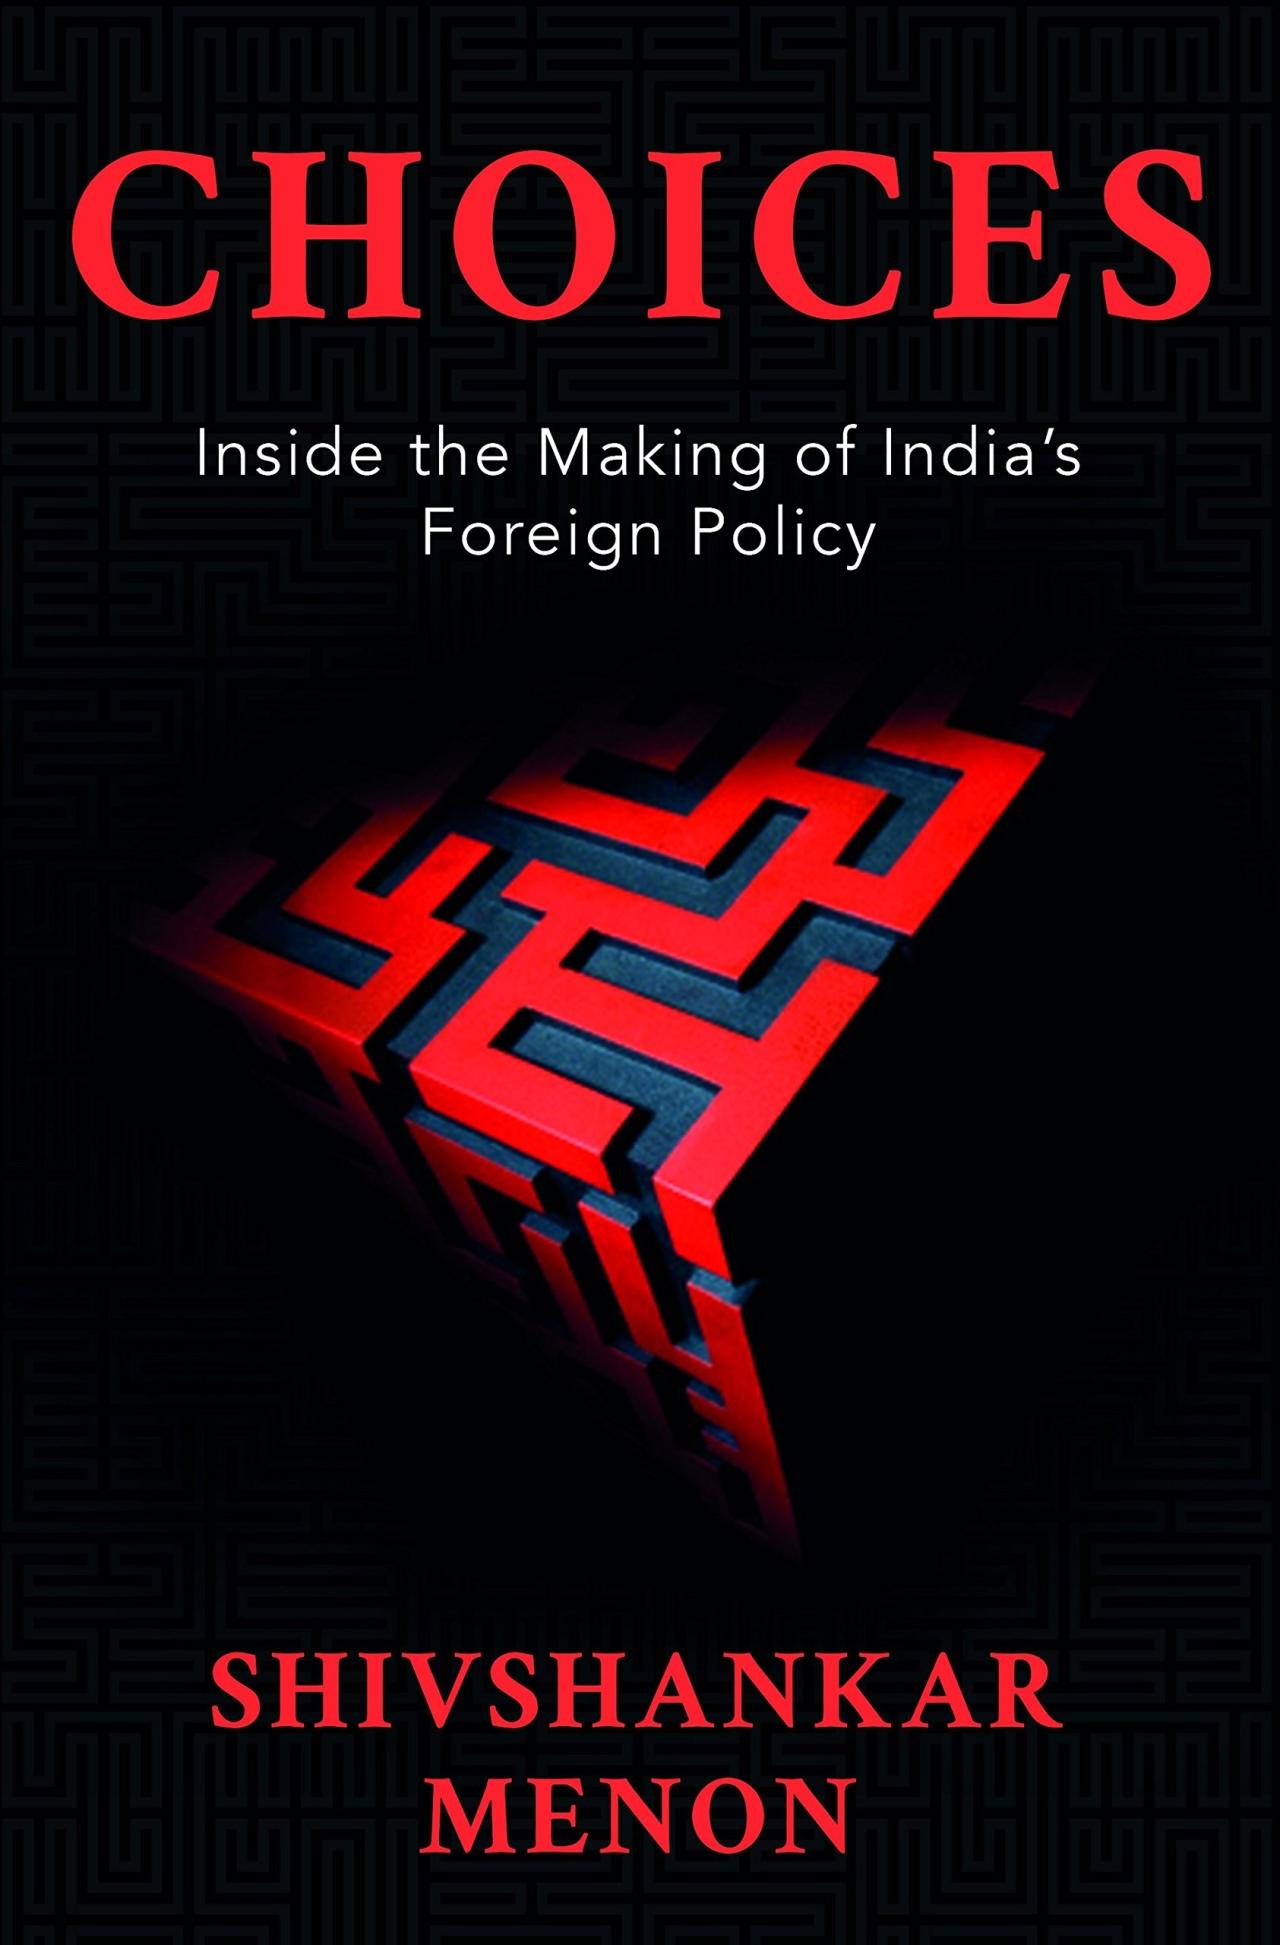 Choices, book by Shiv Shankar Menon